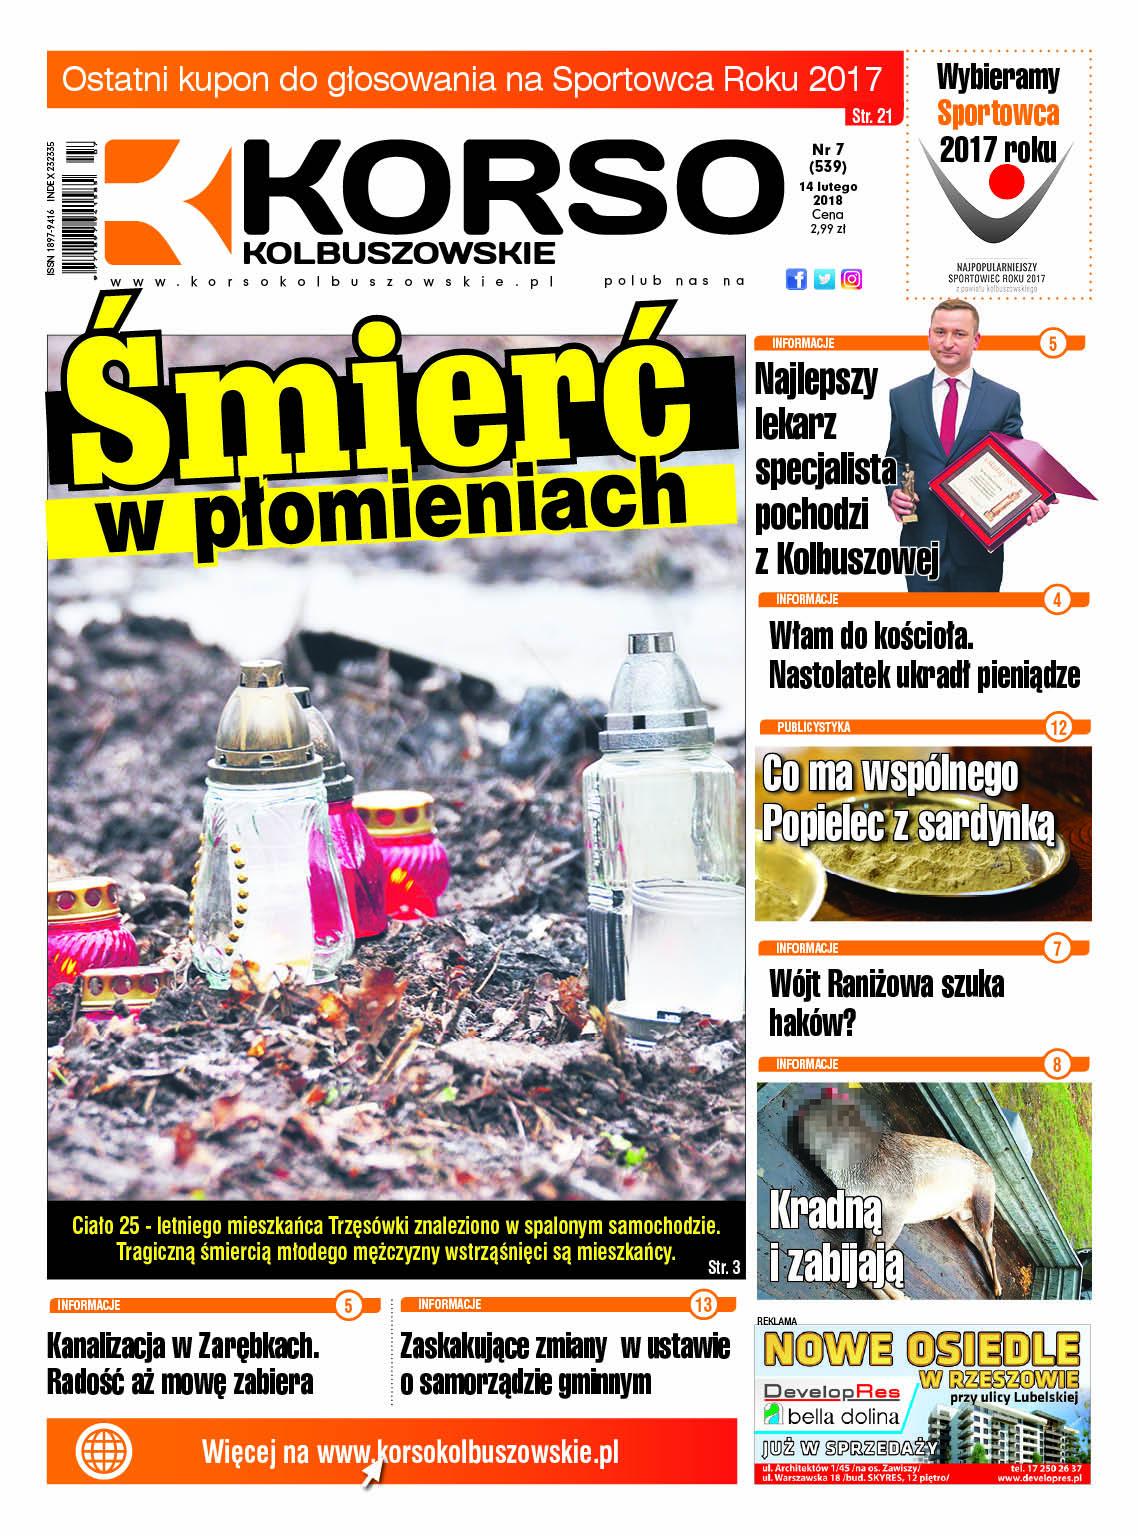 Nowy numer Korso Kolbuszowskie - nr 7/2018 - Zdjęcie główne